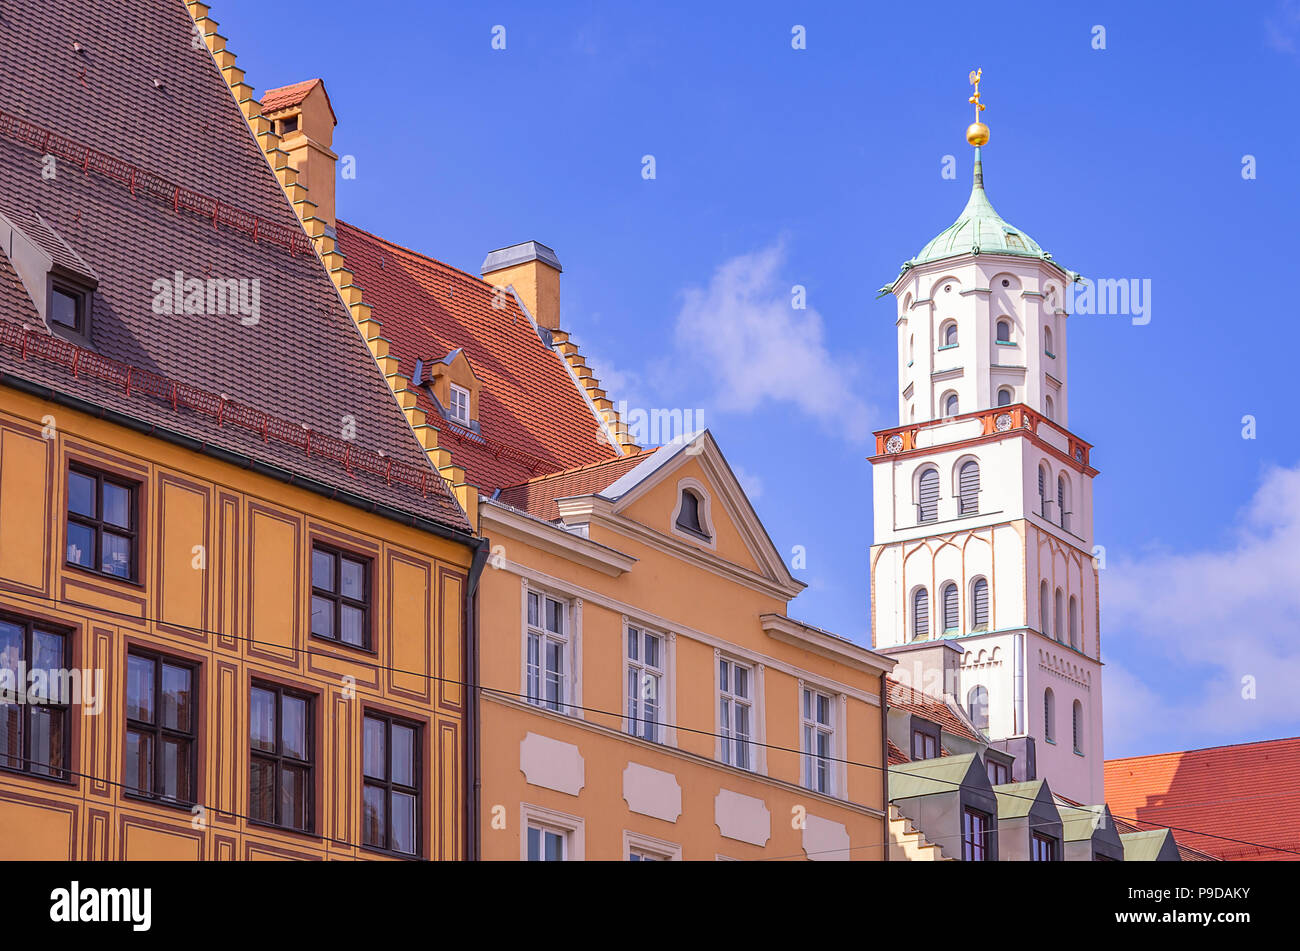 Augsburg, Bayern, Deutschland - Historische Fassaden und Turm der St. Moritz Kirche auf Maximilian Straße. Stockfoto